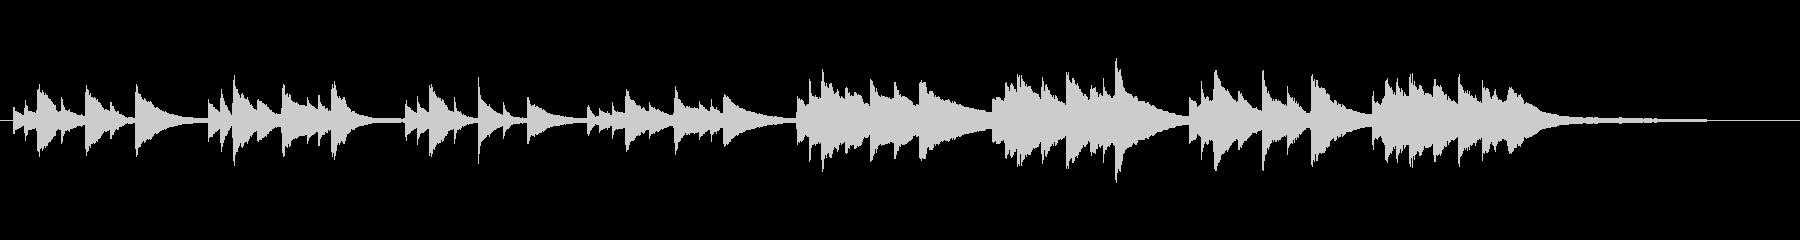 CMや映像/感動的で暖かいピアノソロ31の未再生の波形